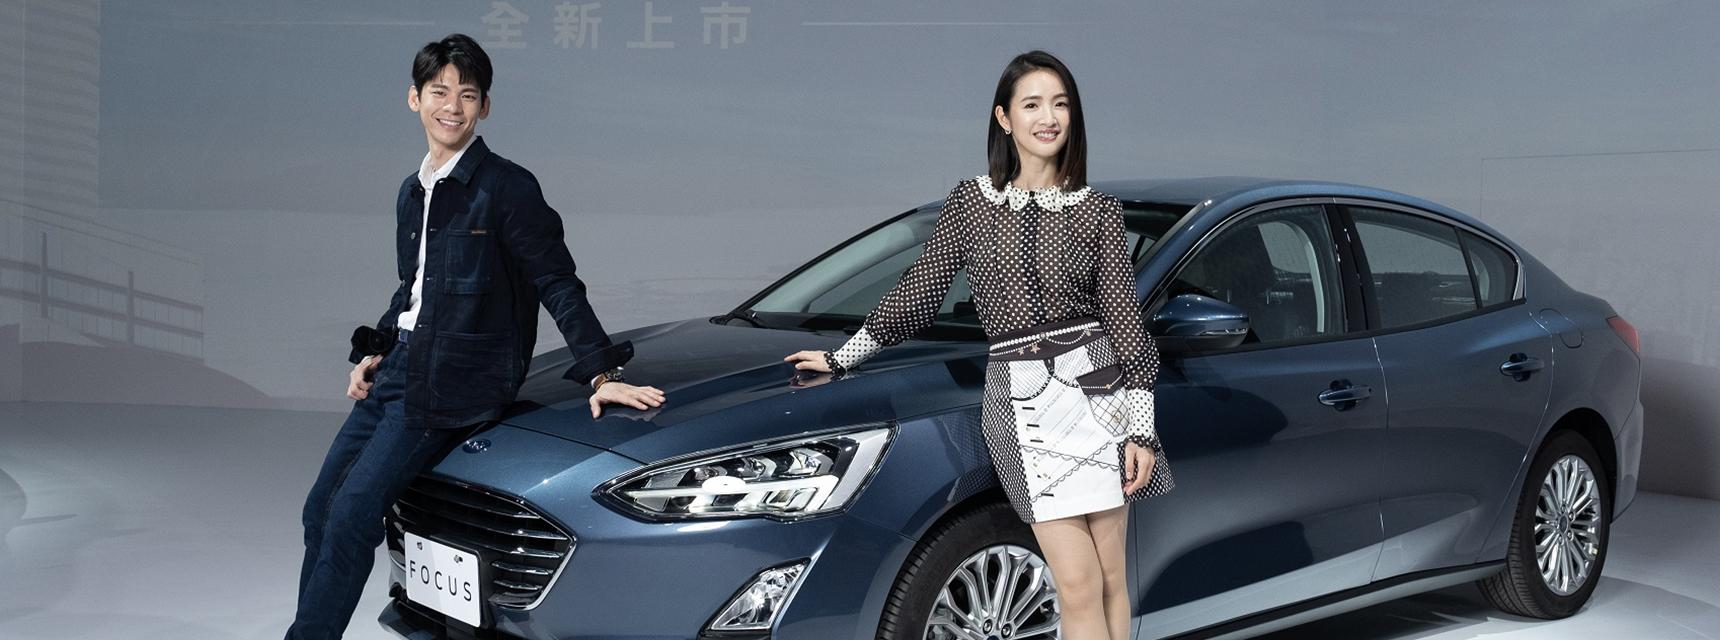 林依晨x林柏宏联袂出演福特汽车温情短片